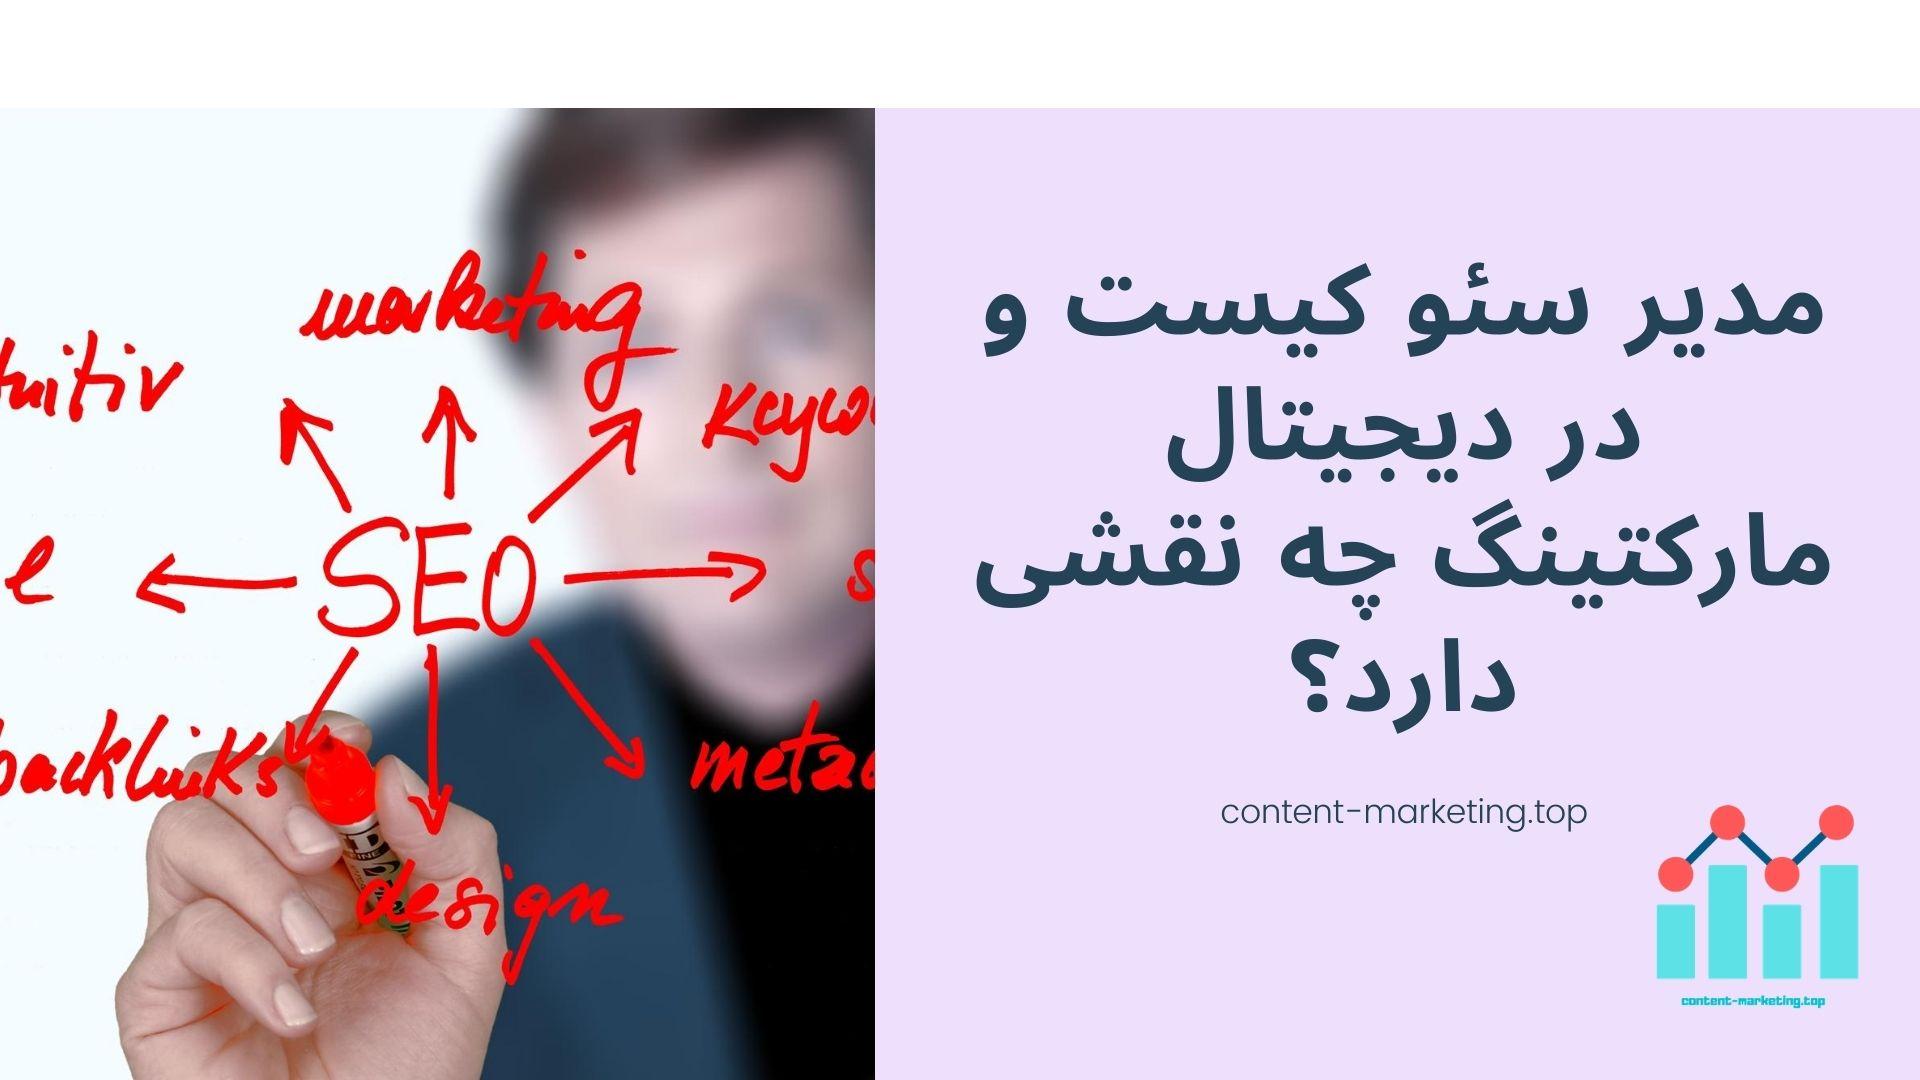 مدیر سئو کیست و در دیجیتال مارکتینگ چه نقشی دارد؟